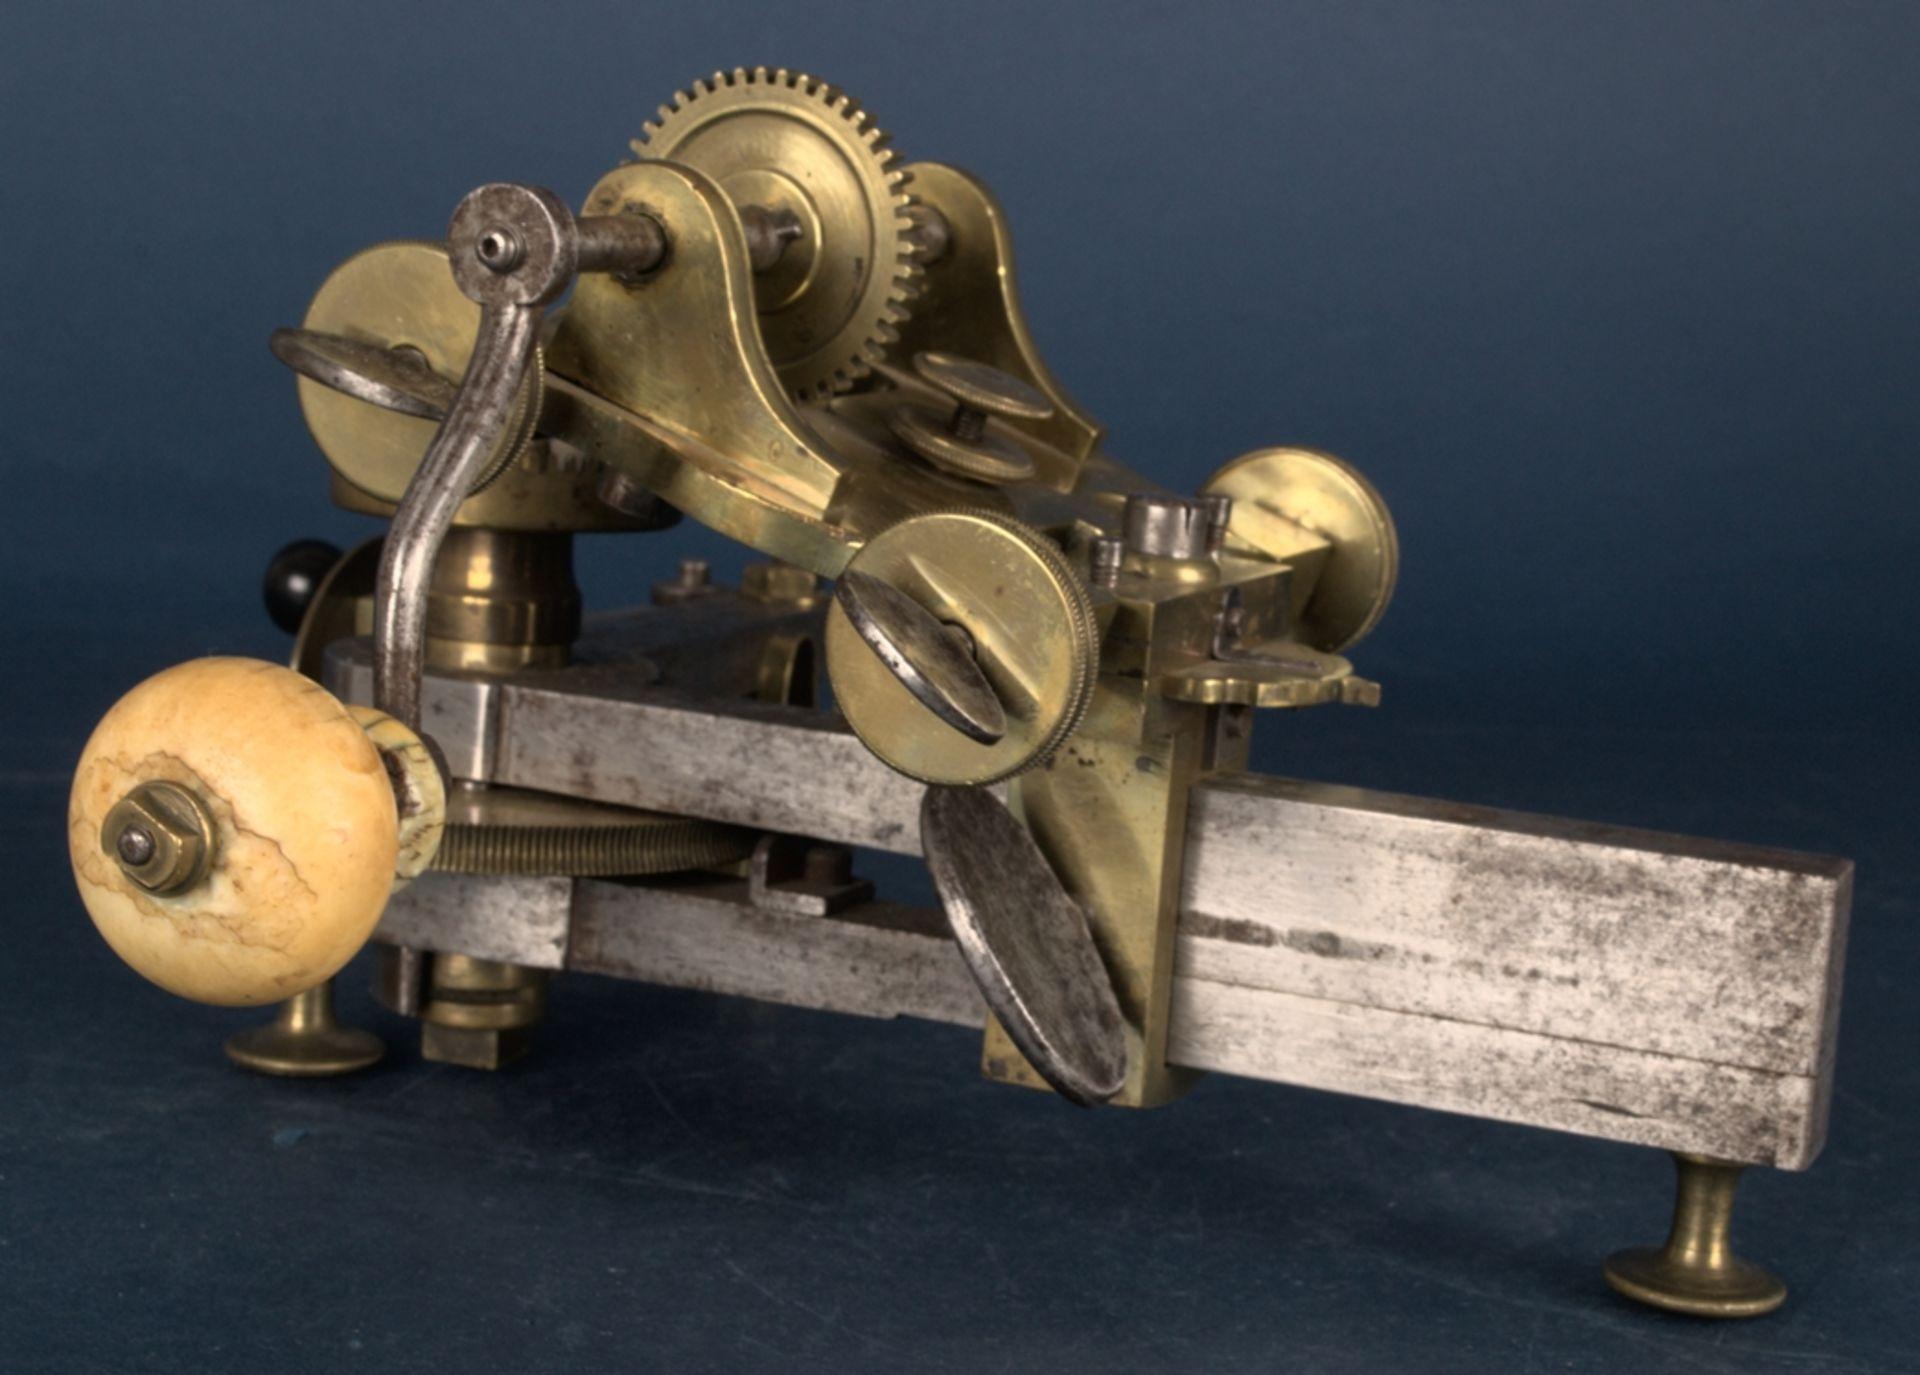 Zahnradfräsmaschine/Zahnräderschneidemaschine, frühes Uhrmacherwerkzeug, deutsch Mitte 18. Jhd., - Bild 9 aus 29